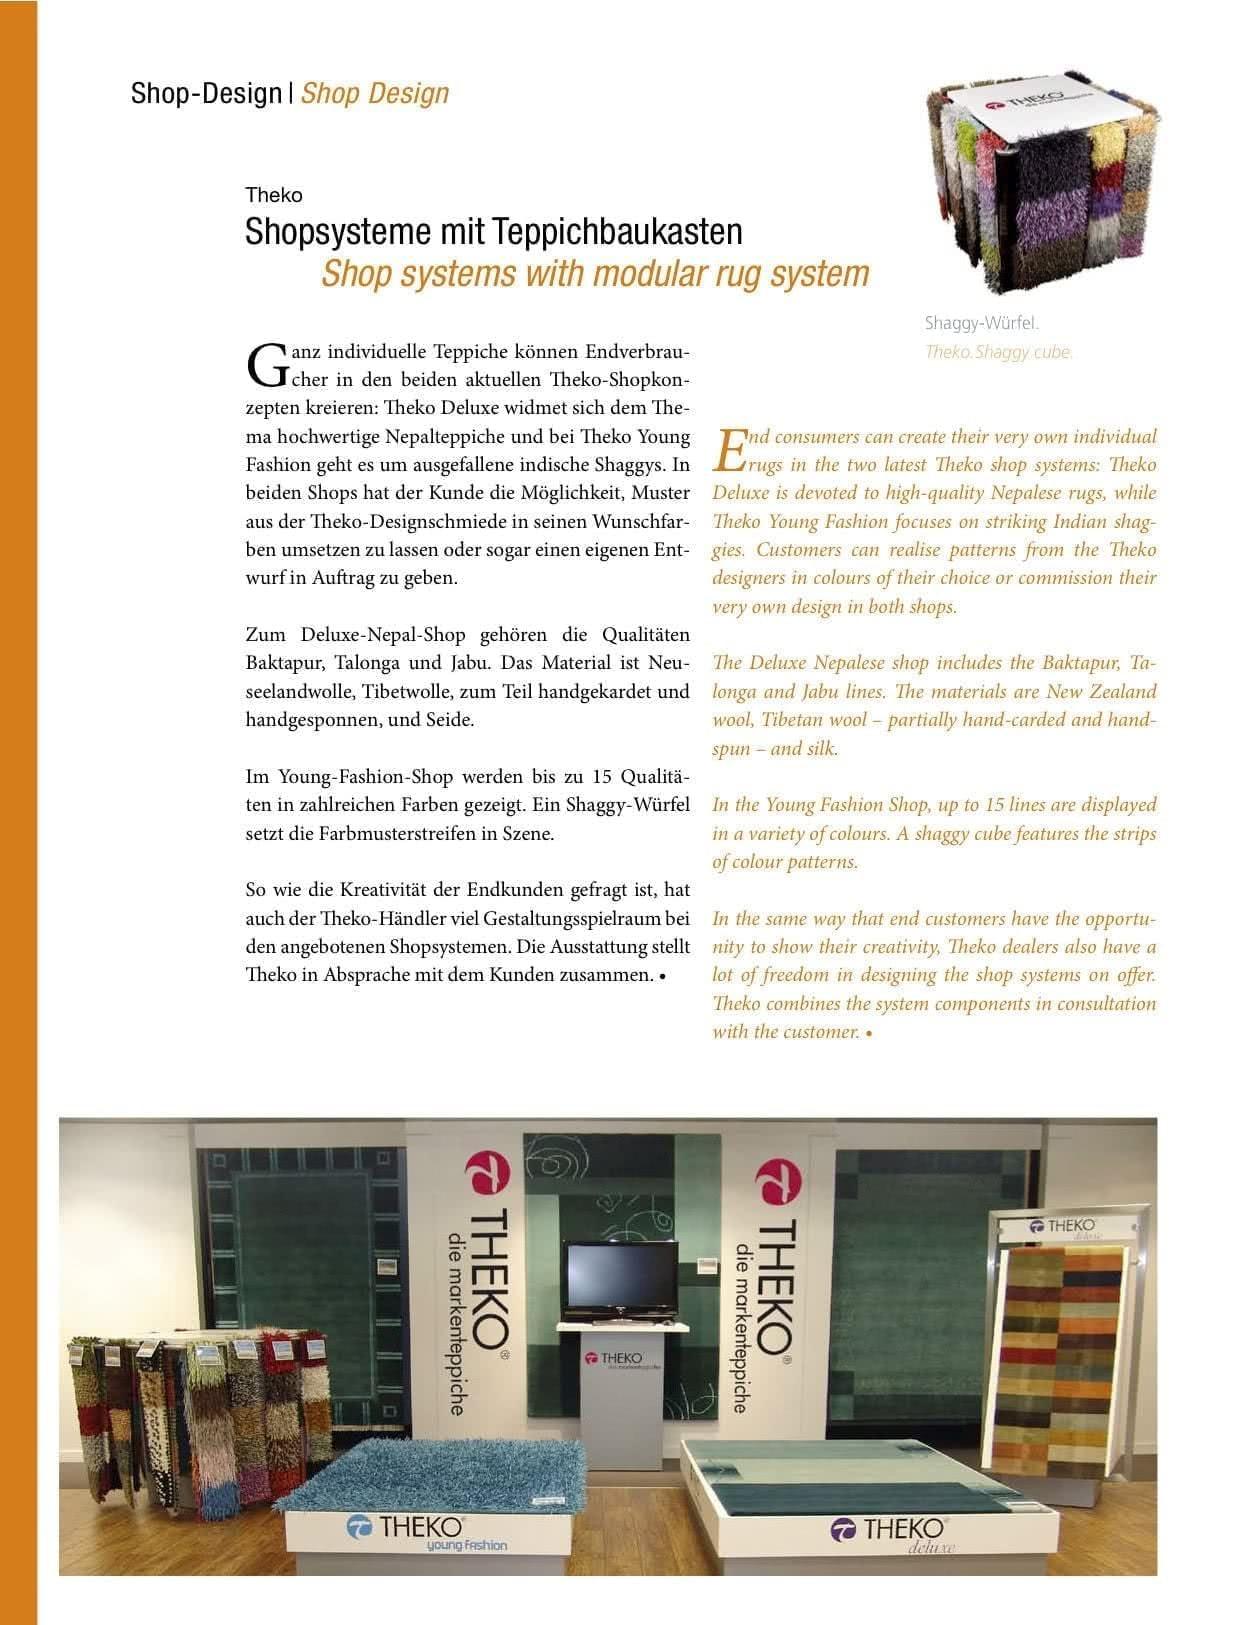 Shopsysteme mit Teppichbaukasten